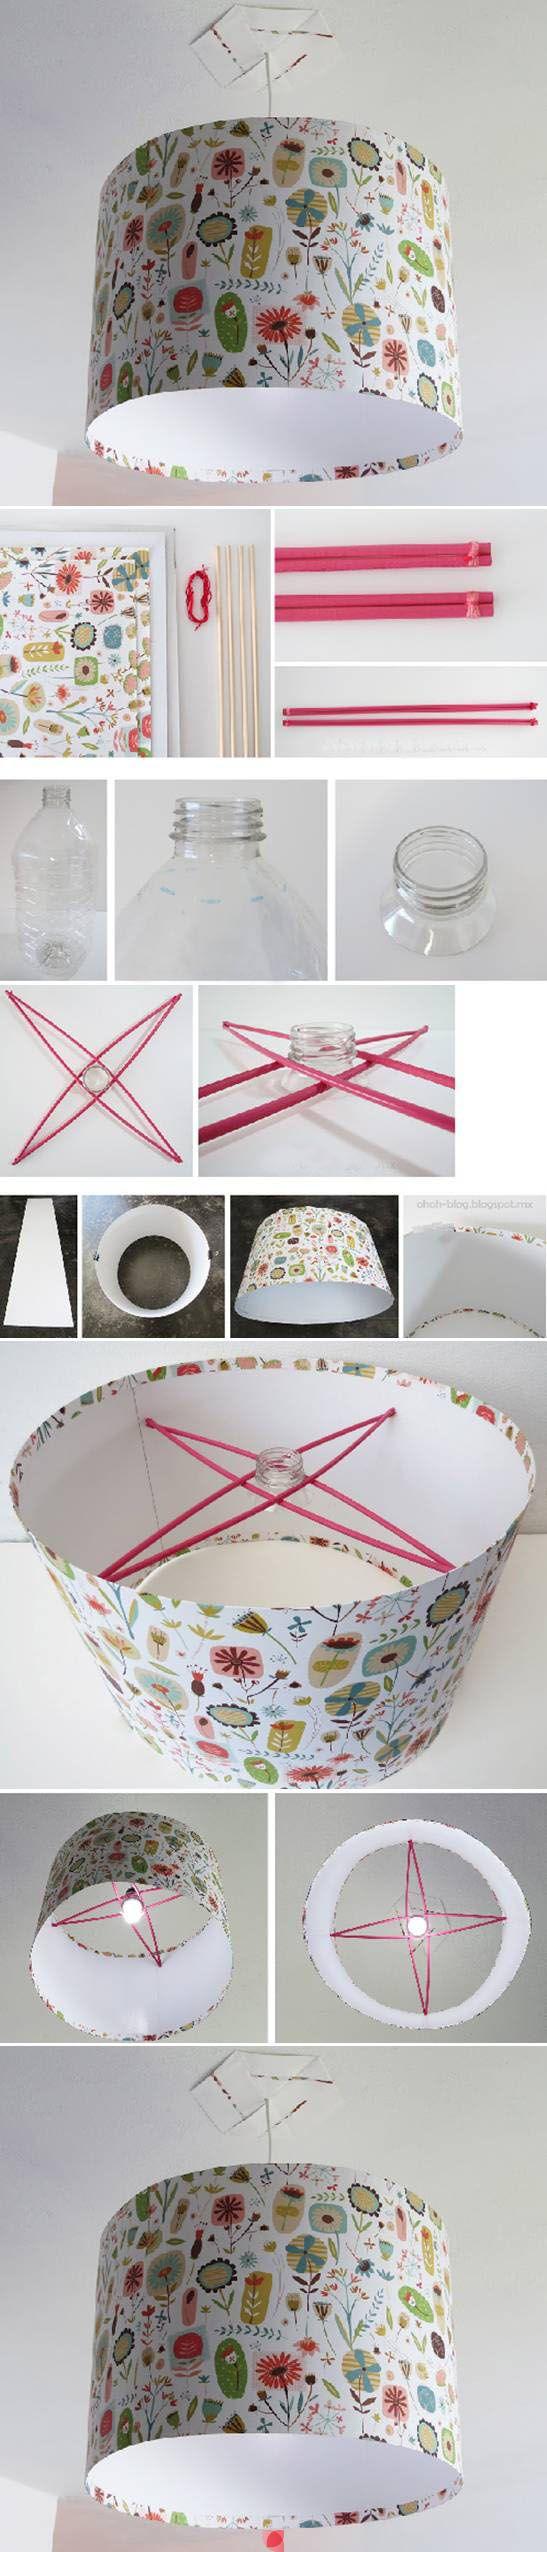 how to make a custom shade w/ chopsticks!